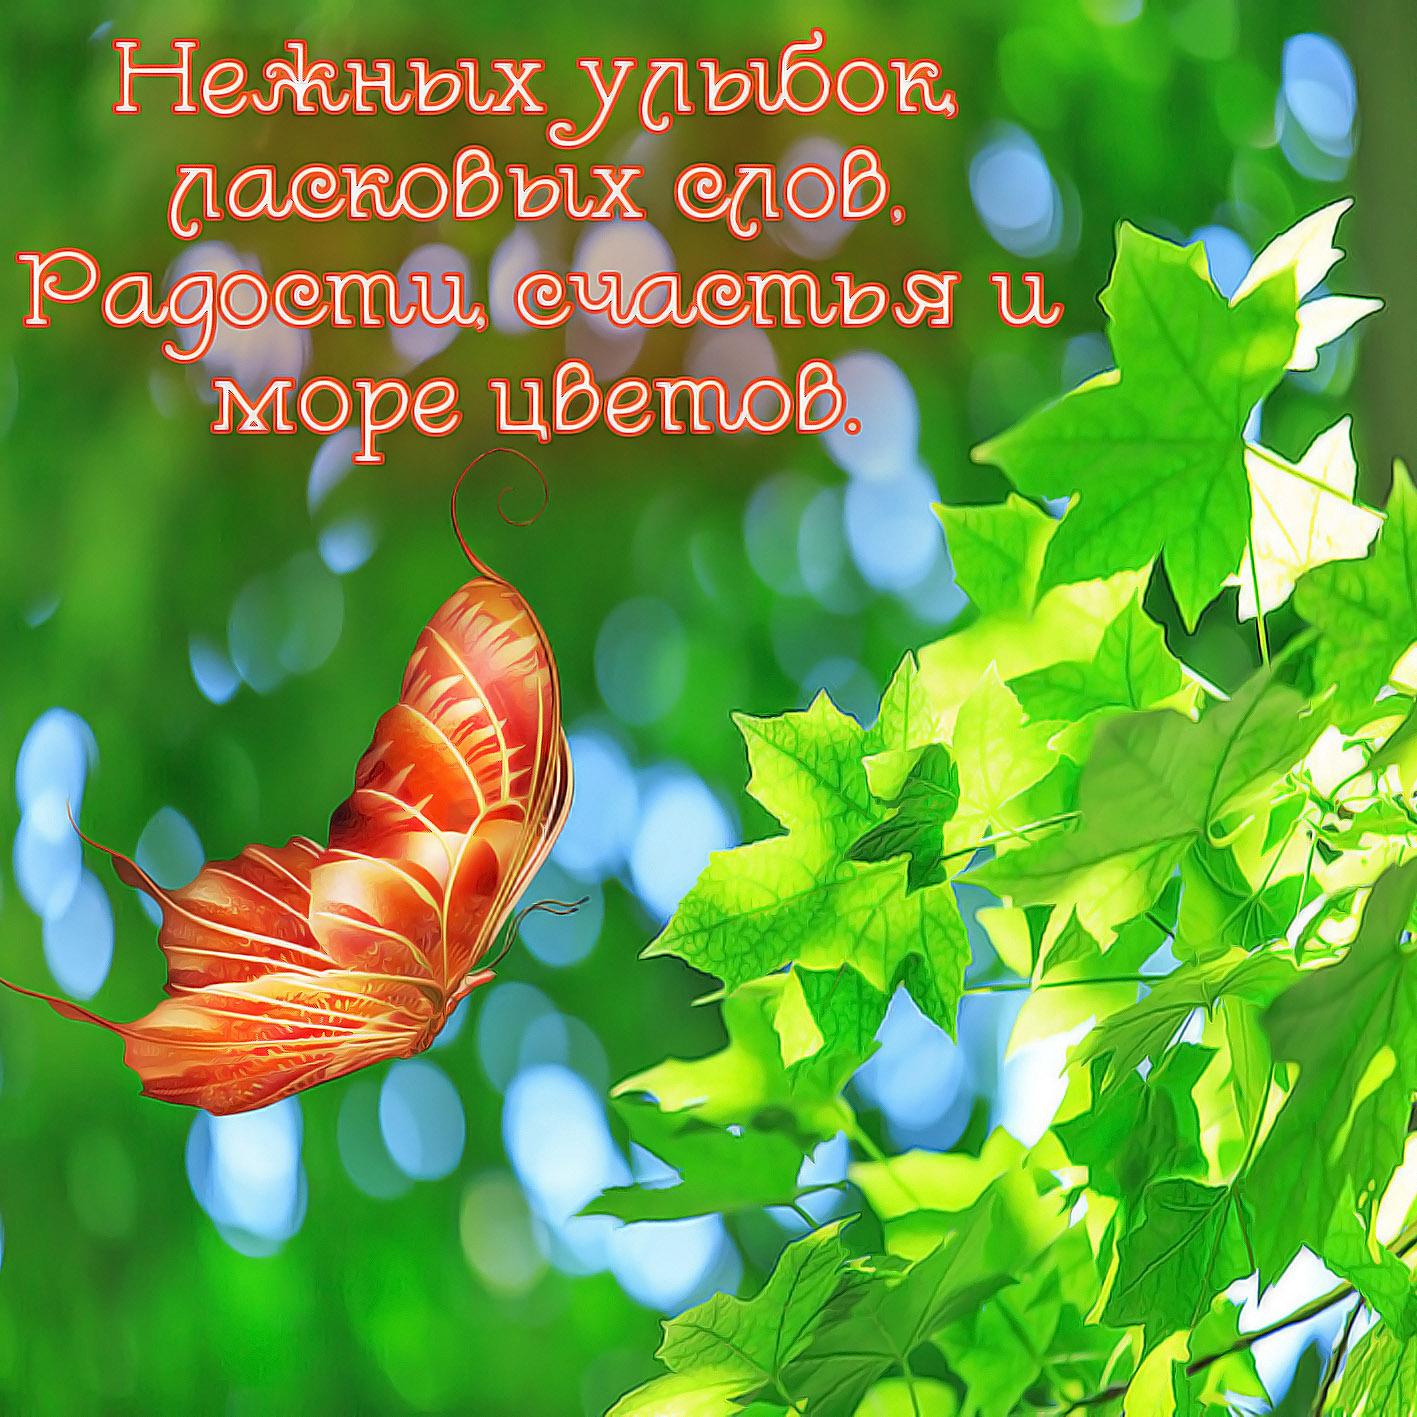 Открытка с пожеланием - бабочка у кленовых листиков